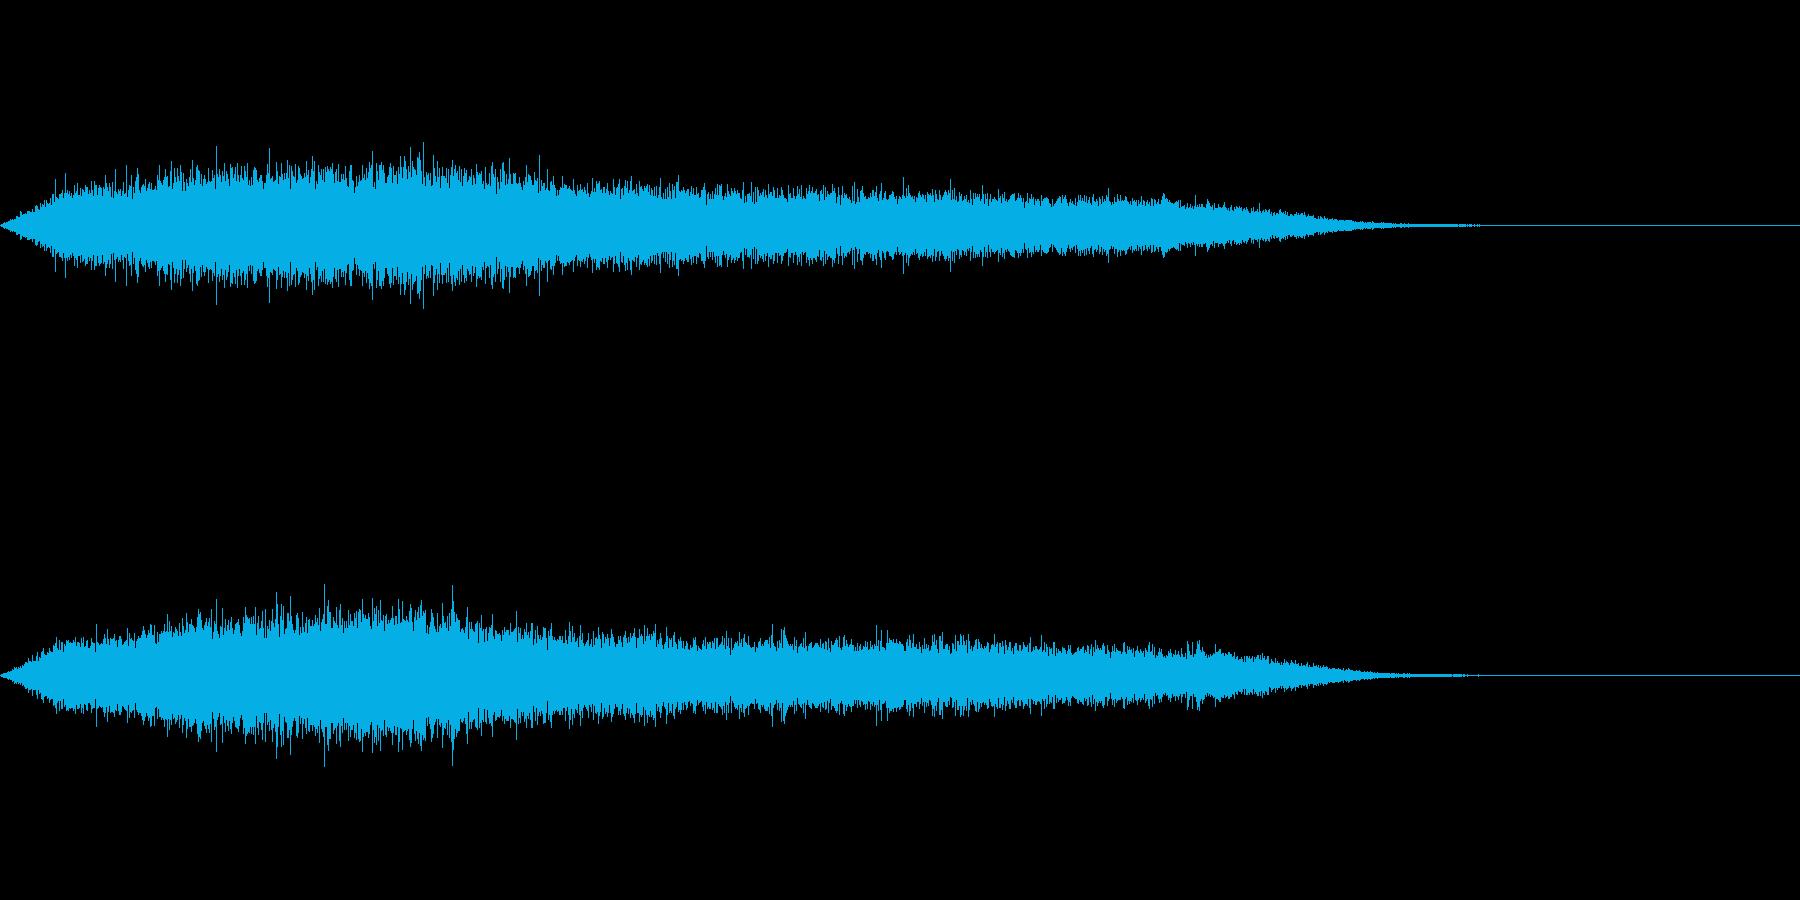 ワァー!キャー!コンサートライブの歓声5の再生済みの波形